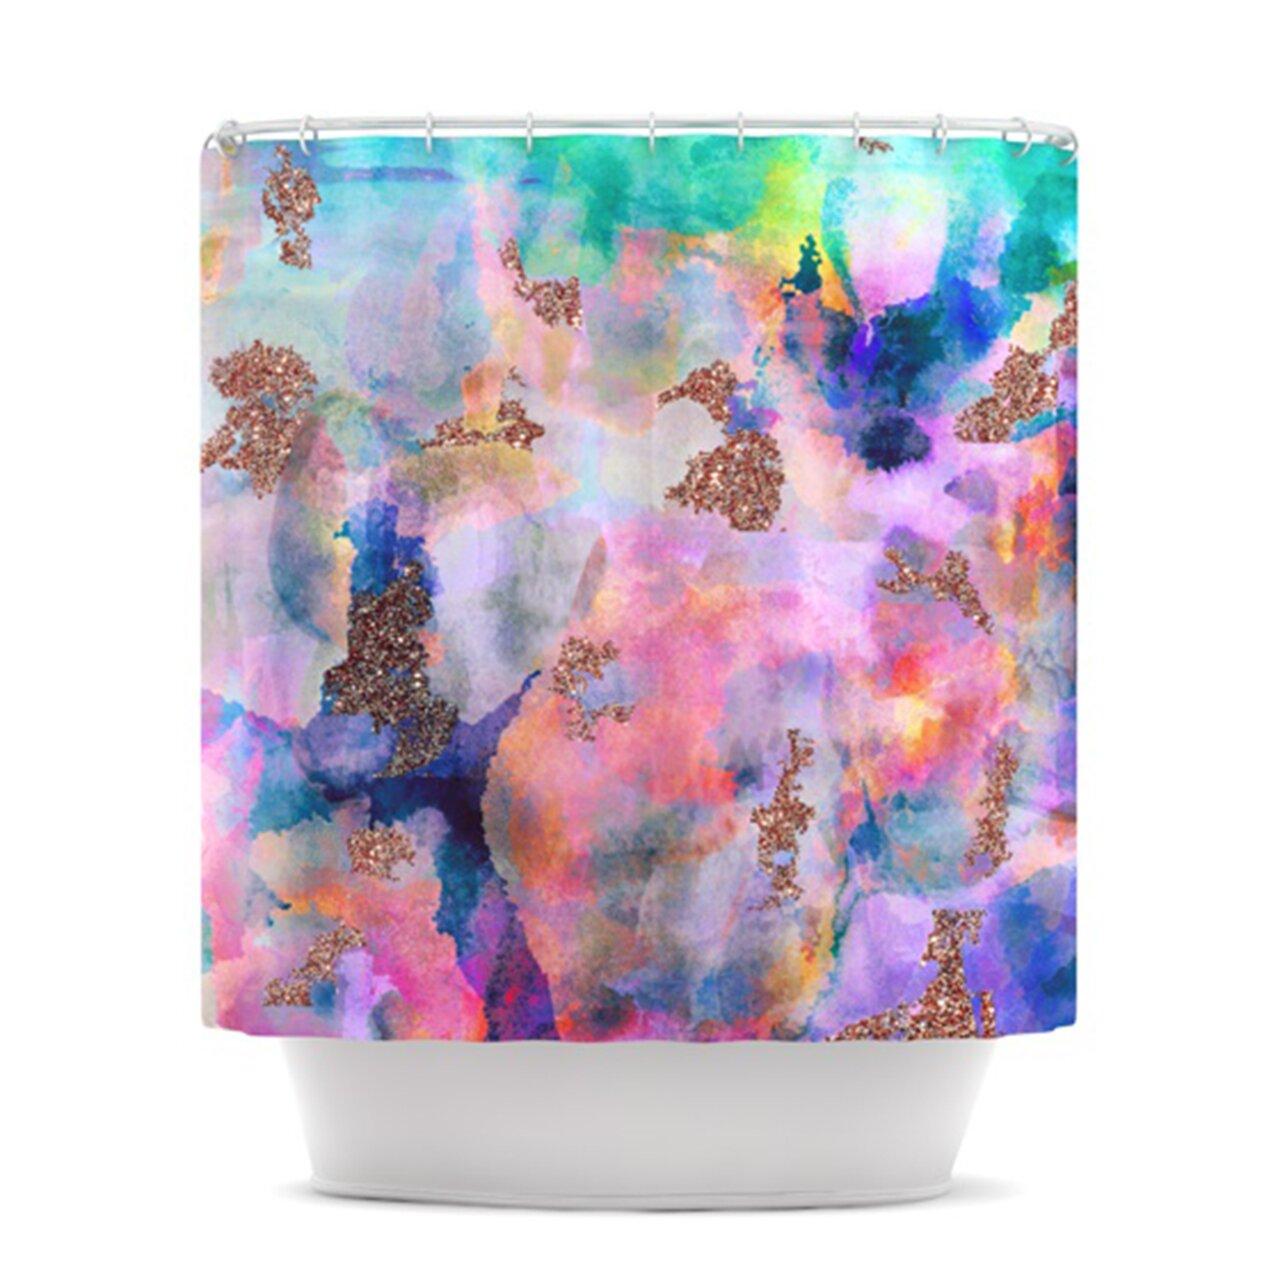 sparkle mist shower curtain wayfair